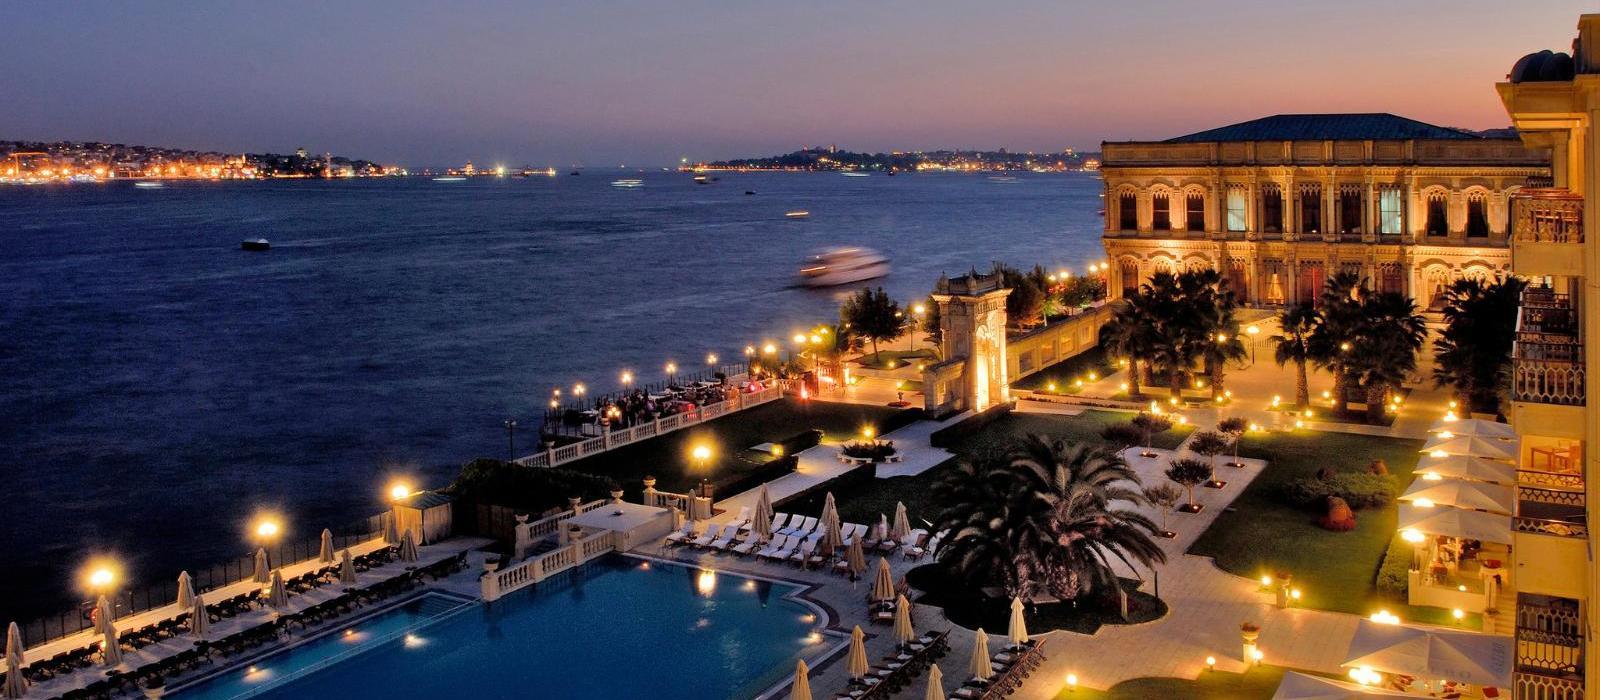 伊斯坦布尔塞拉皇宫凯宾斯基酒店(Ciragan Palace Kempinski Istanbul) 图片  www.lhw.cn